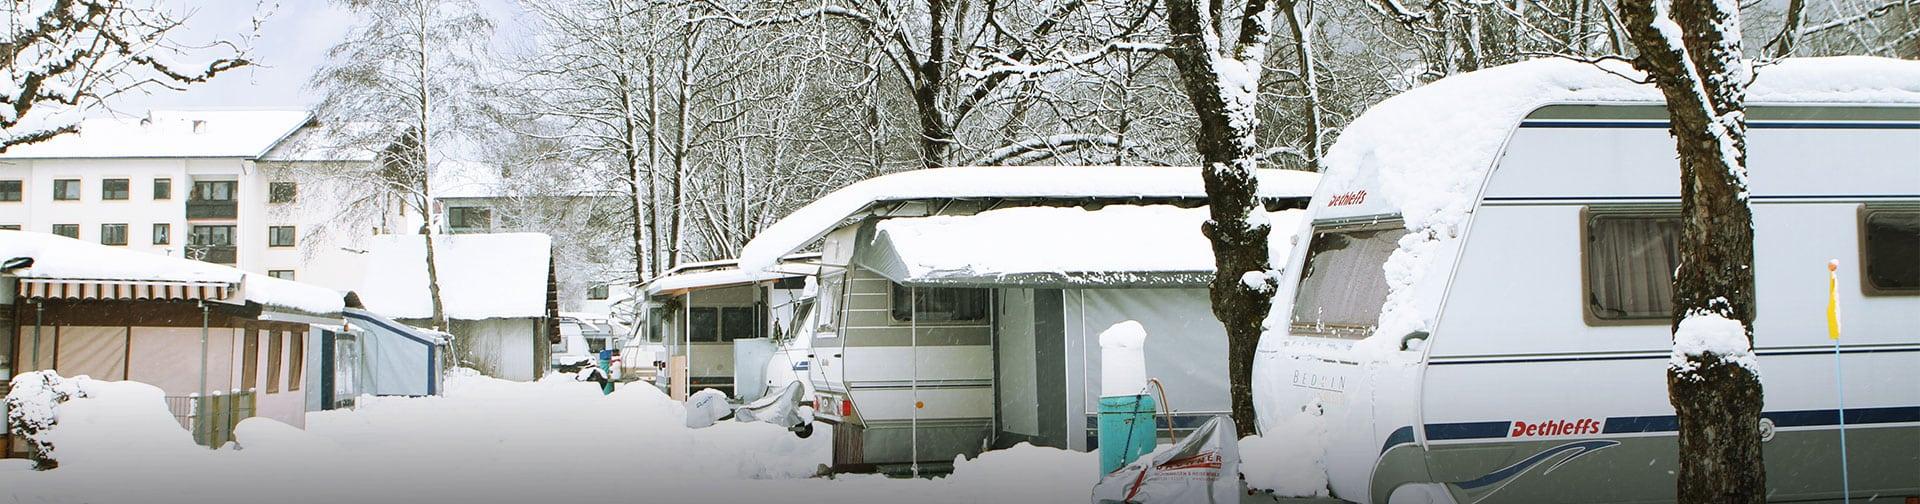 Camping Zirngast - Campingplatz in Schladming